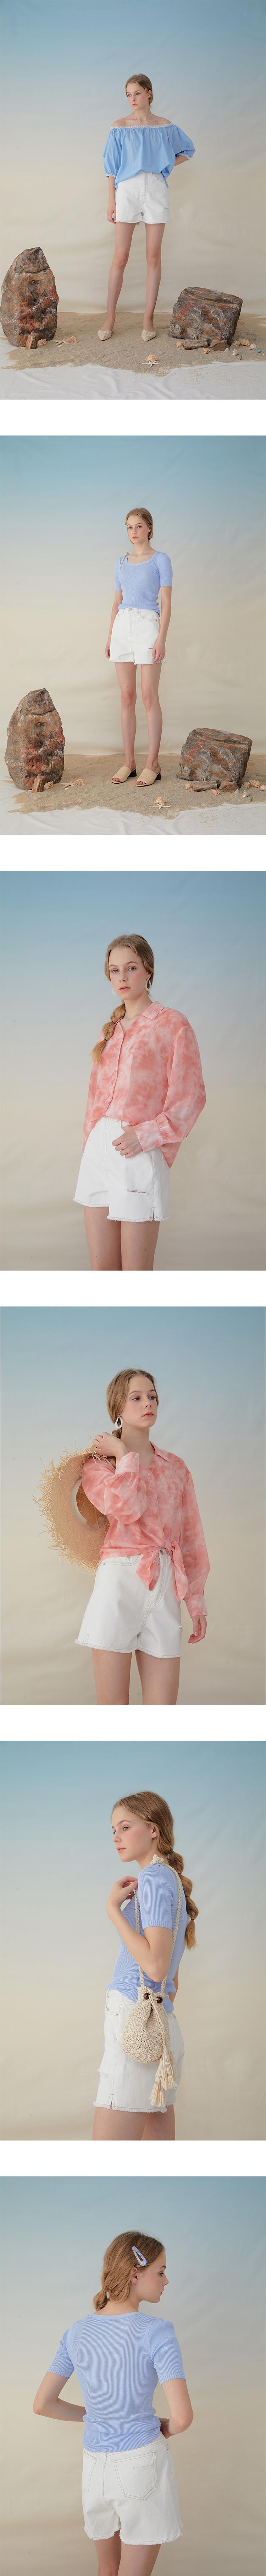 몬츠(MONTS) 956 cotton shorts in white